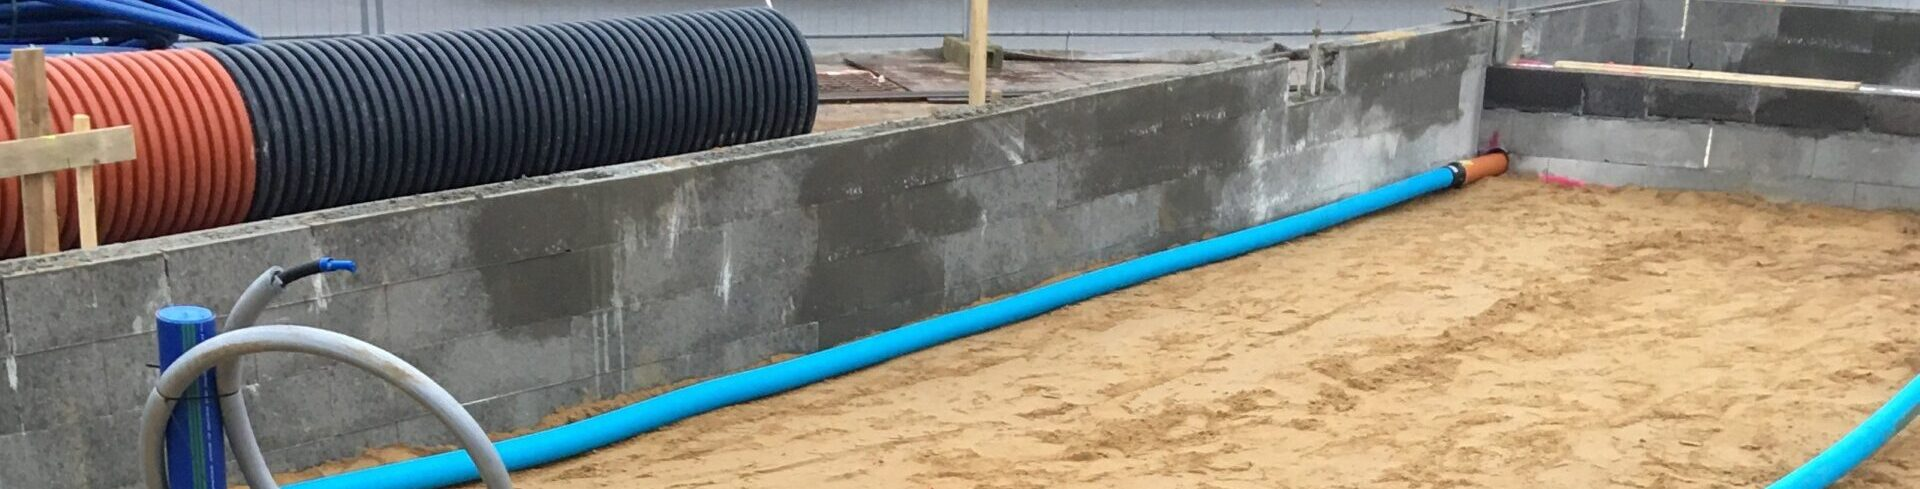 Regnvandshåndtering